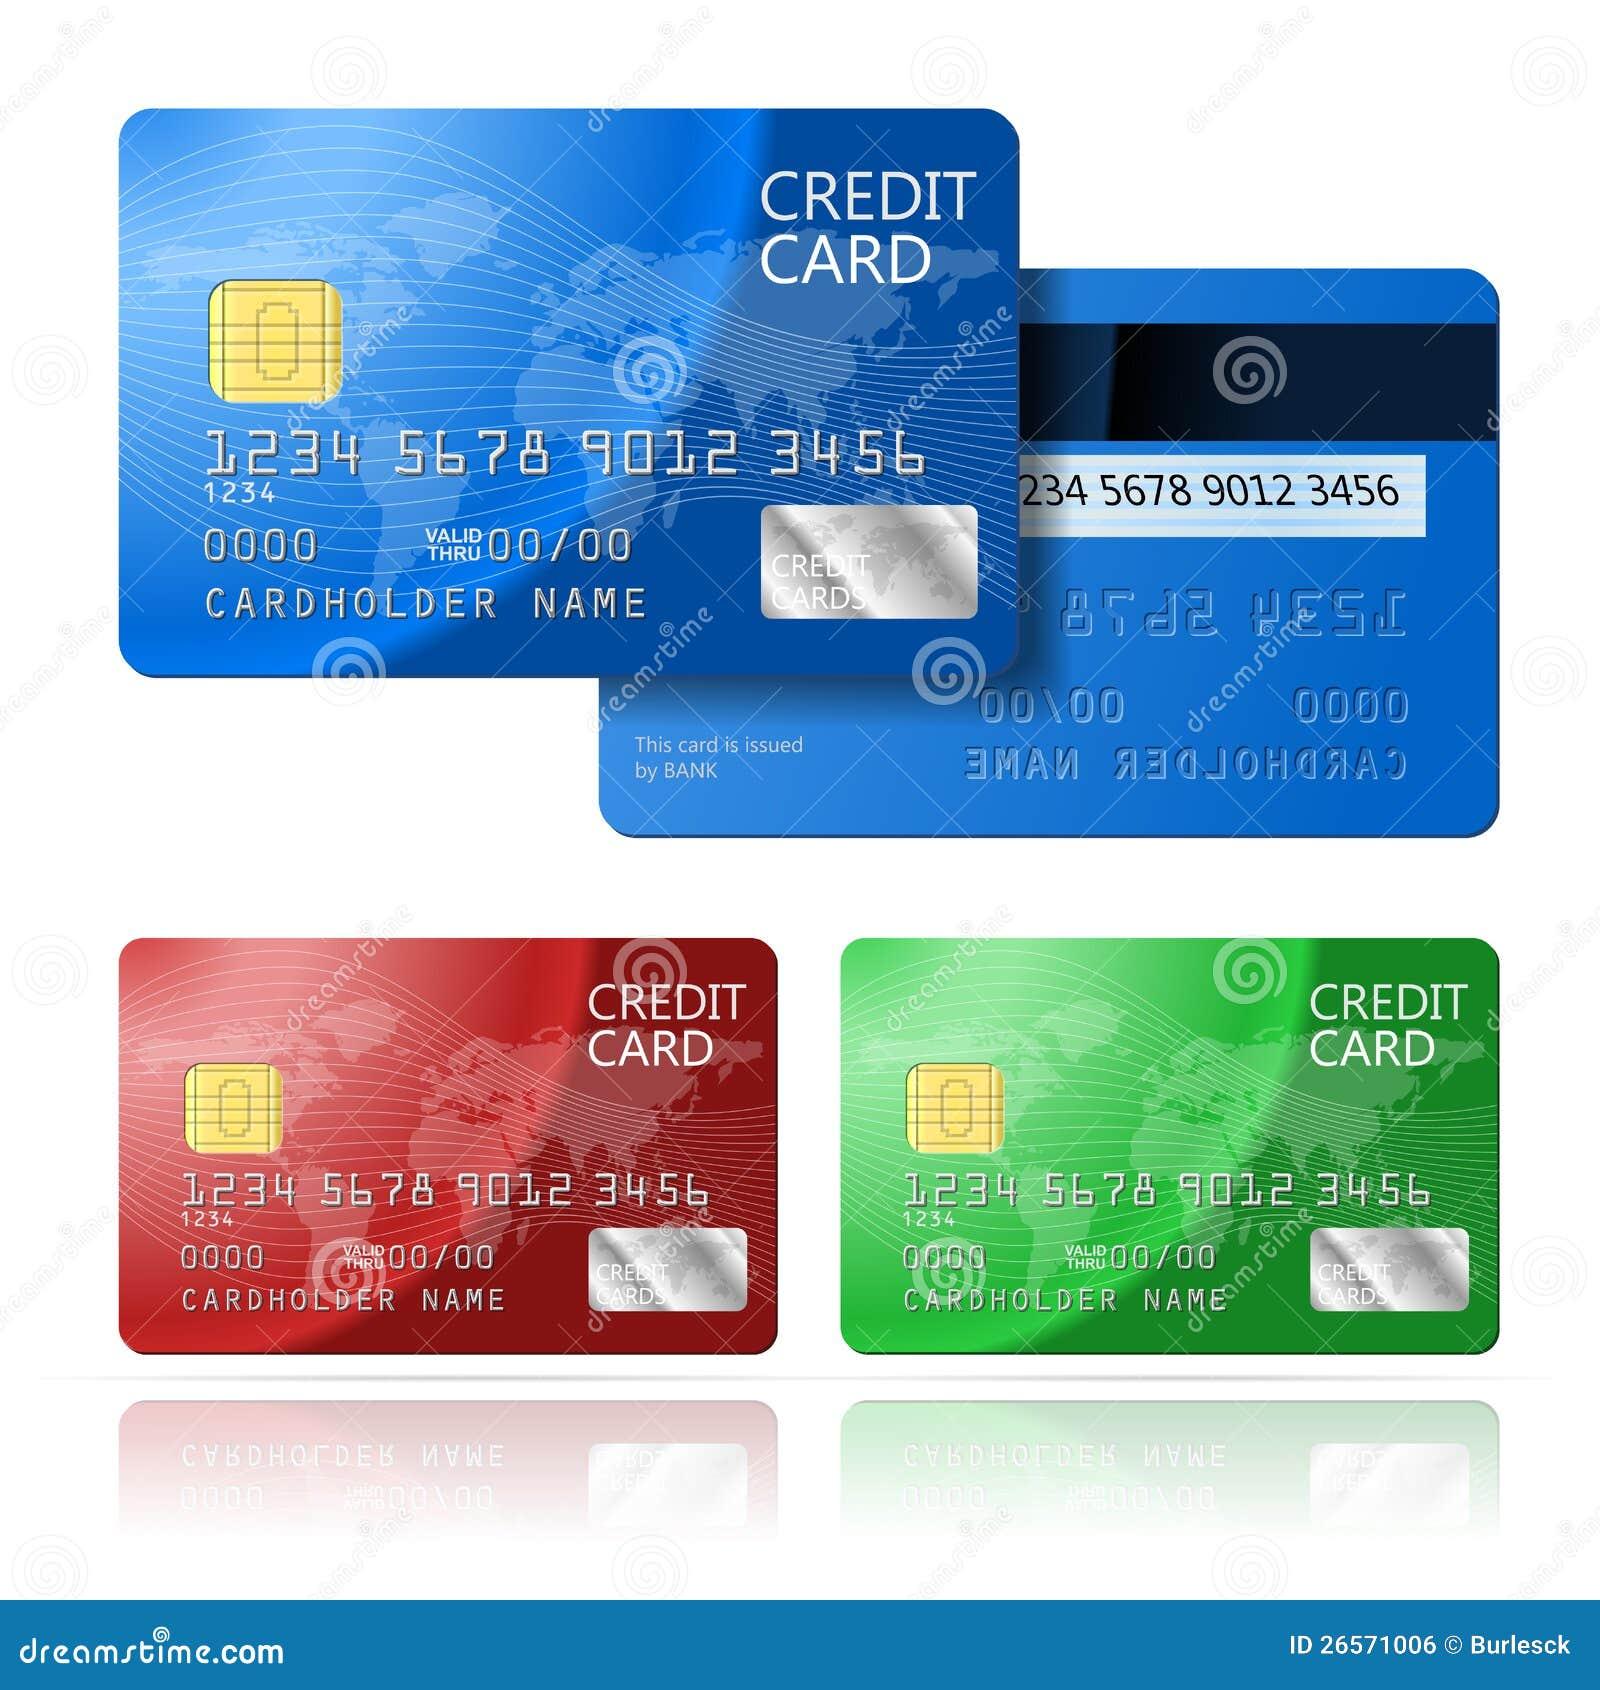 2 Caras De La Tarjeta De Crédito Imagen De Archivo Libre